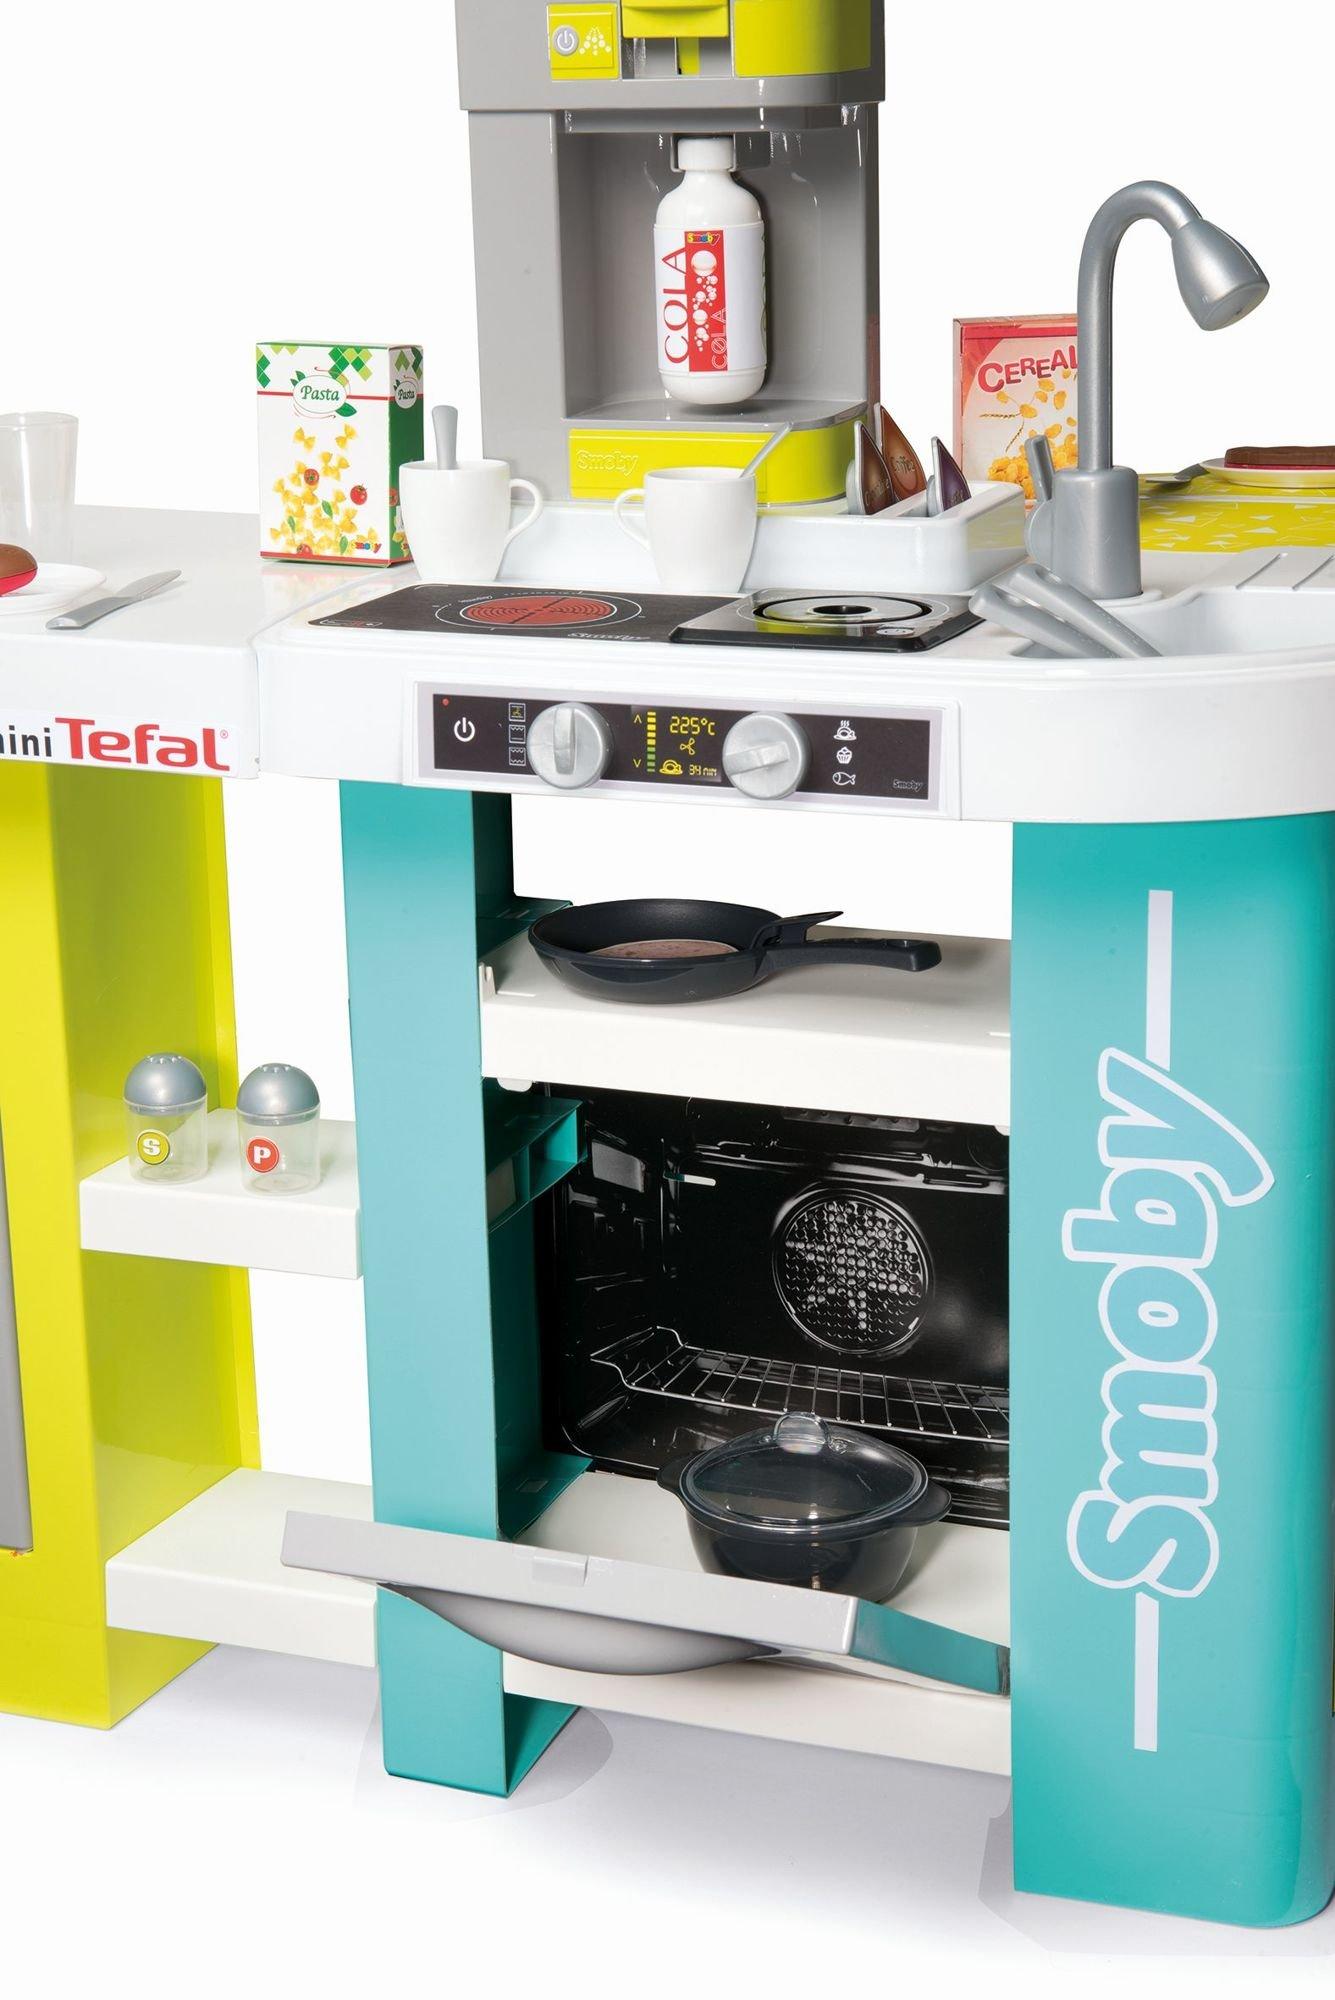 Smoby Duża Kuchnia Dla Dzieci Tefal Studio Xl Bubble 34 Akcesoria Magiczny Garnek